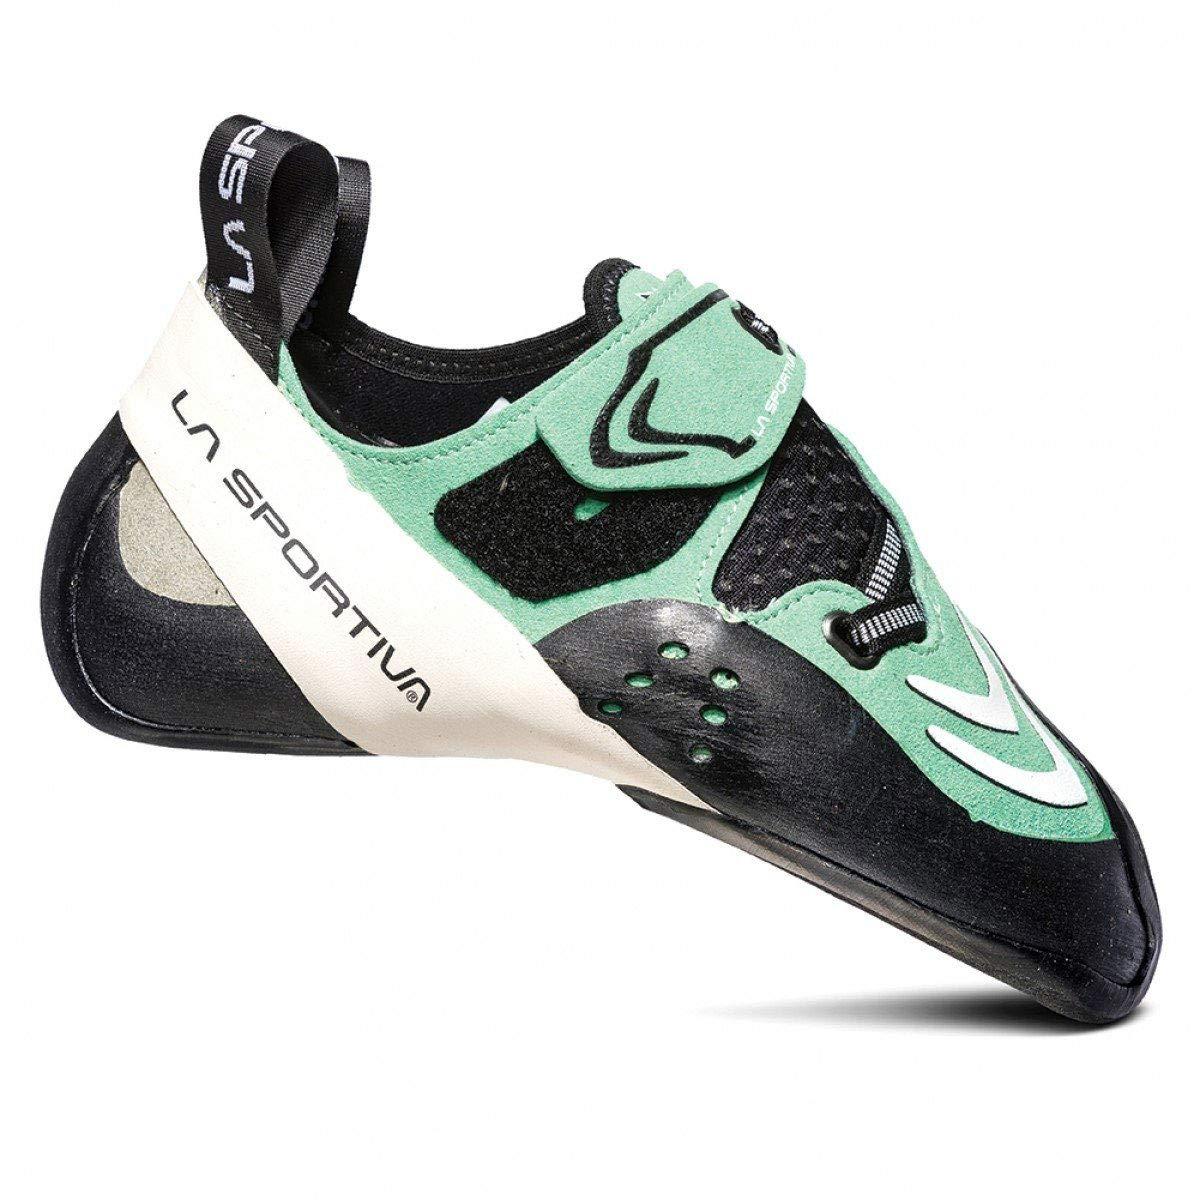 La Sportiva Futura Women's Climbing Shoe, Jade Green/White, 38.5 by La Sportiva